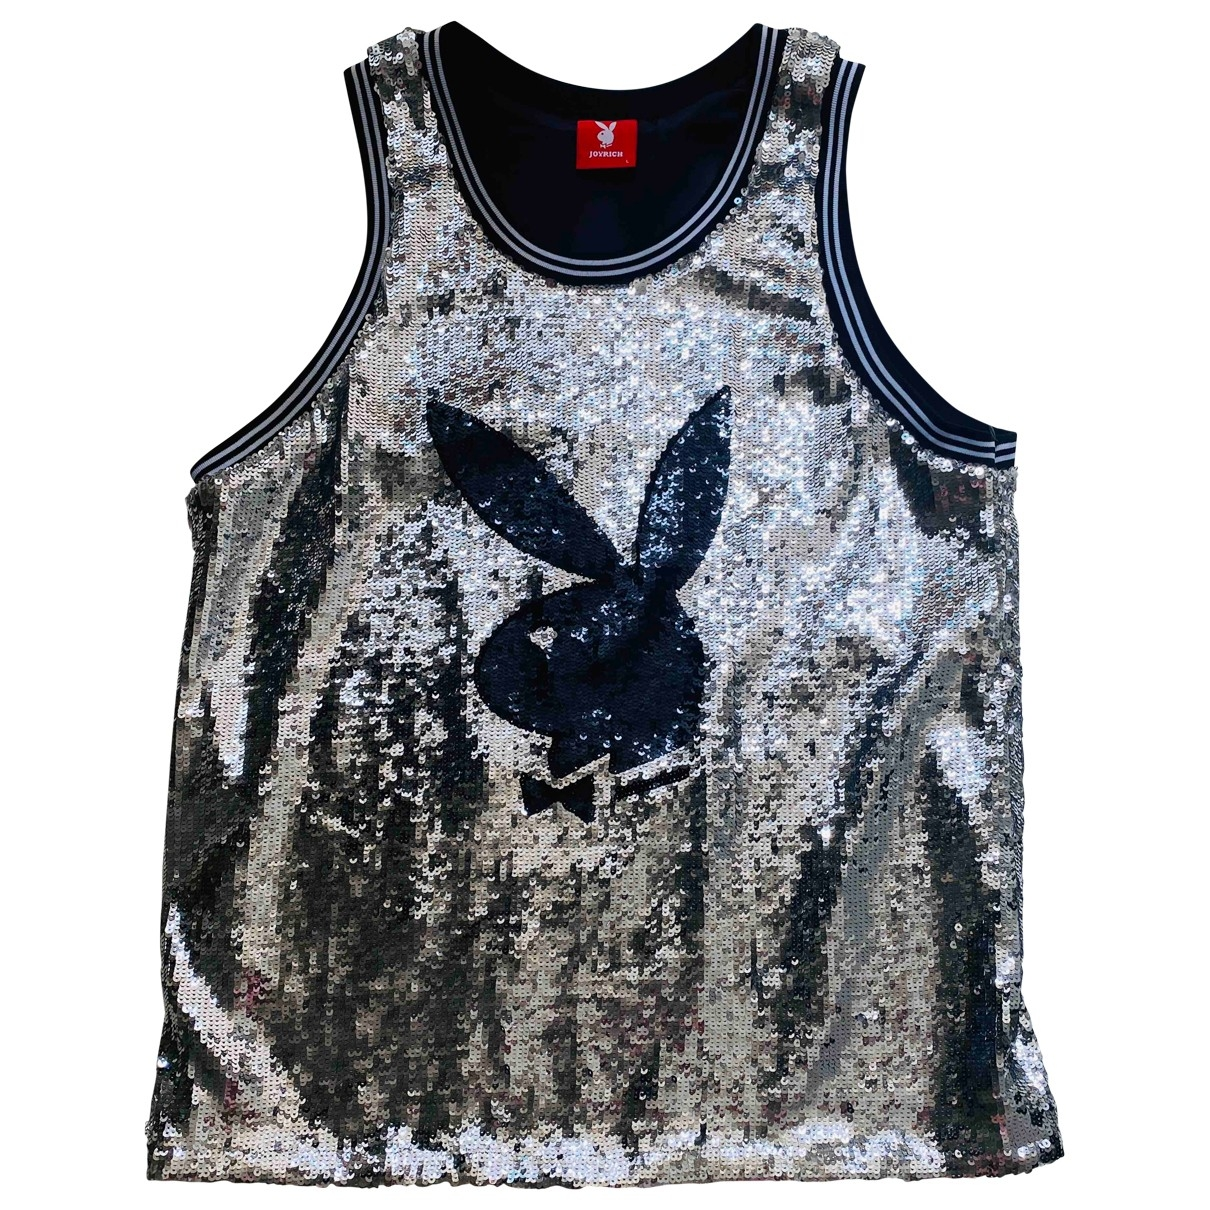 Joyrich - Tee shirts   pour homme - argente